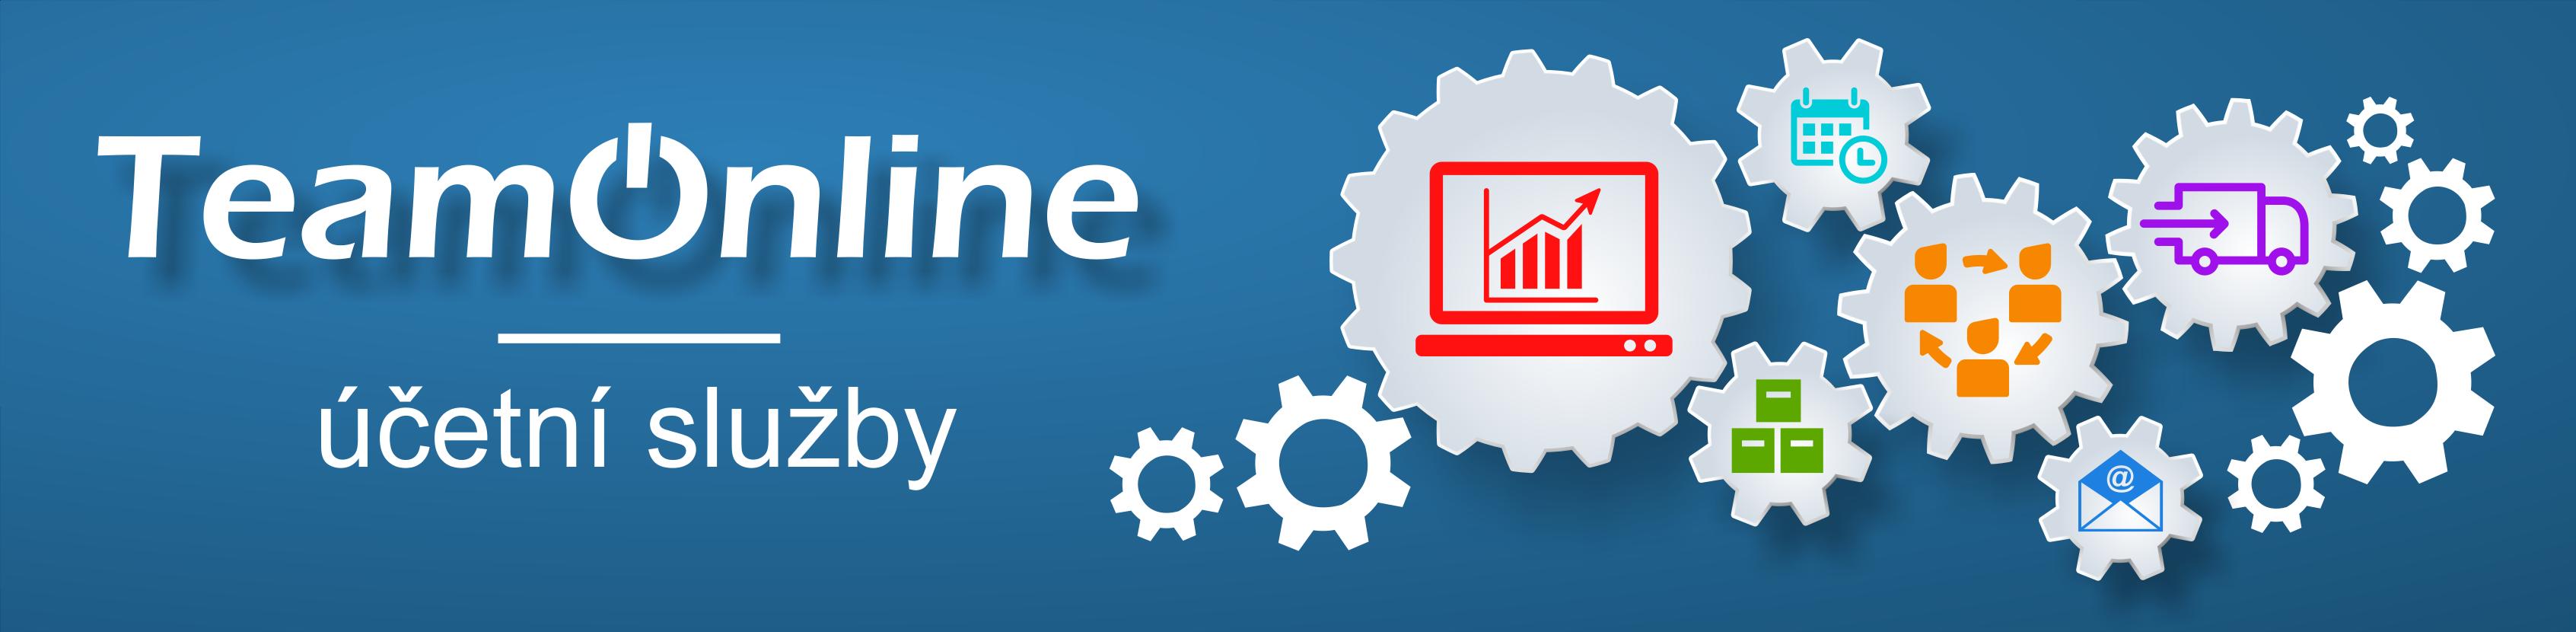 TeamOnline účetní služby